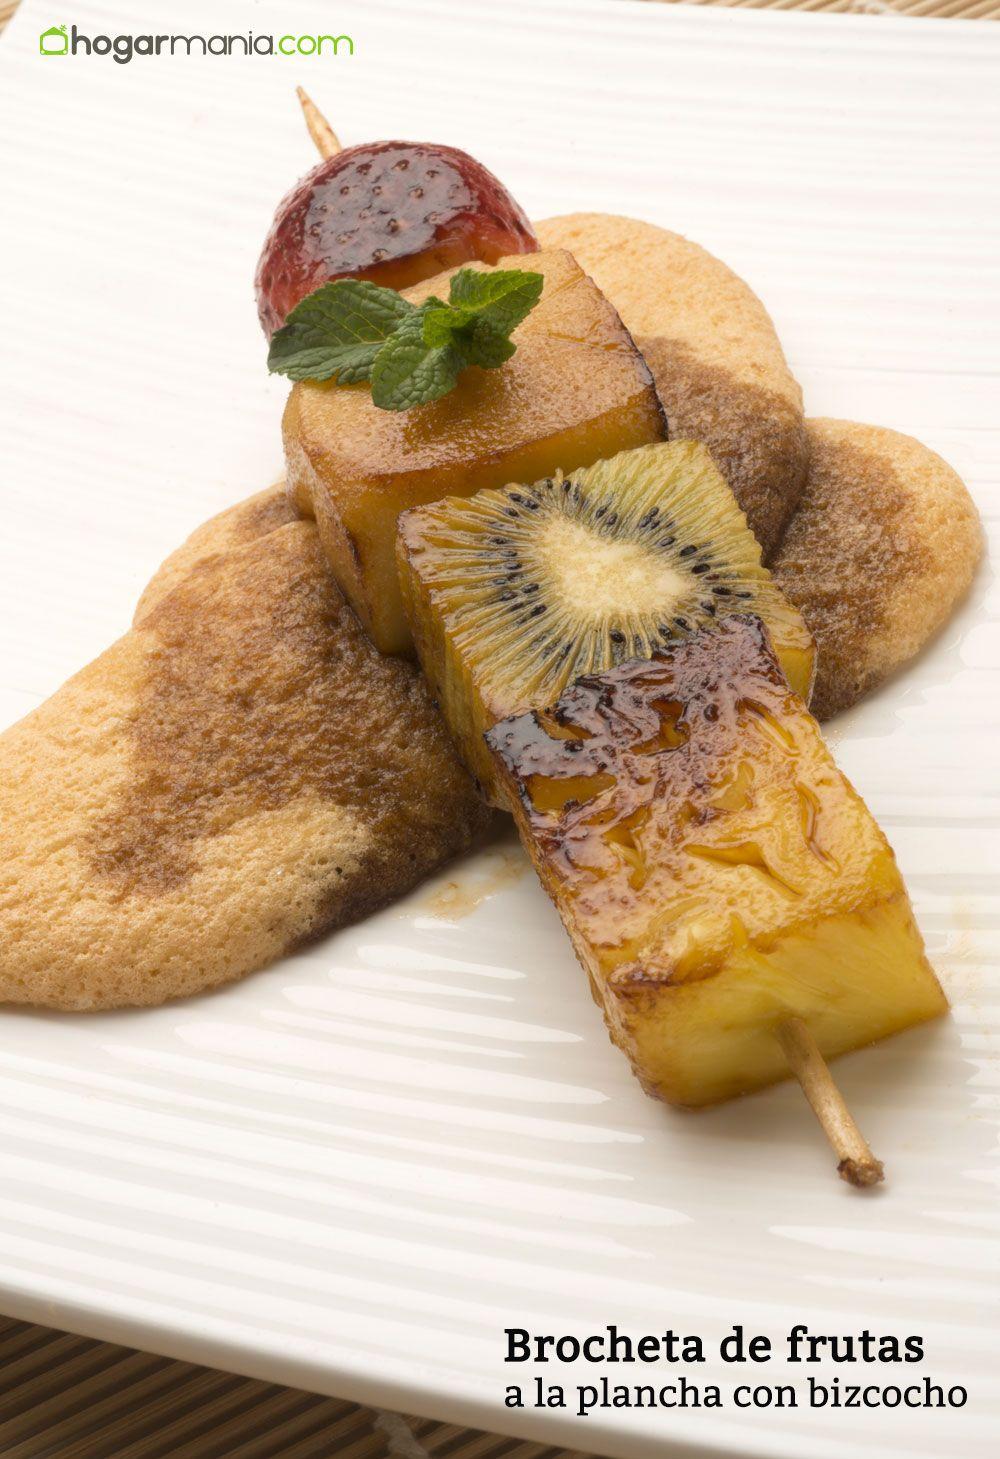 Brocheta de fruta a la plancha con bizcocho